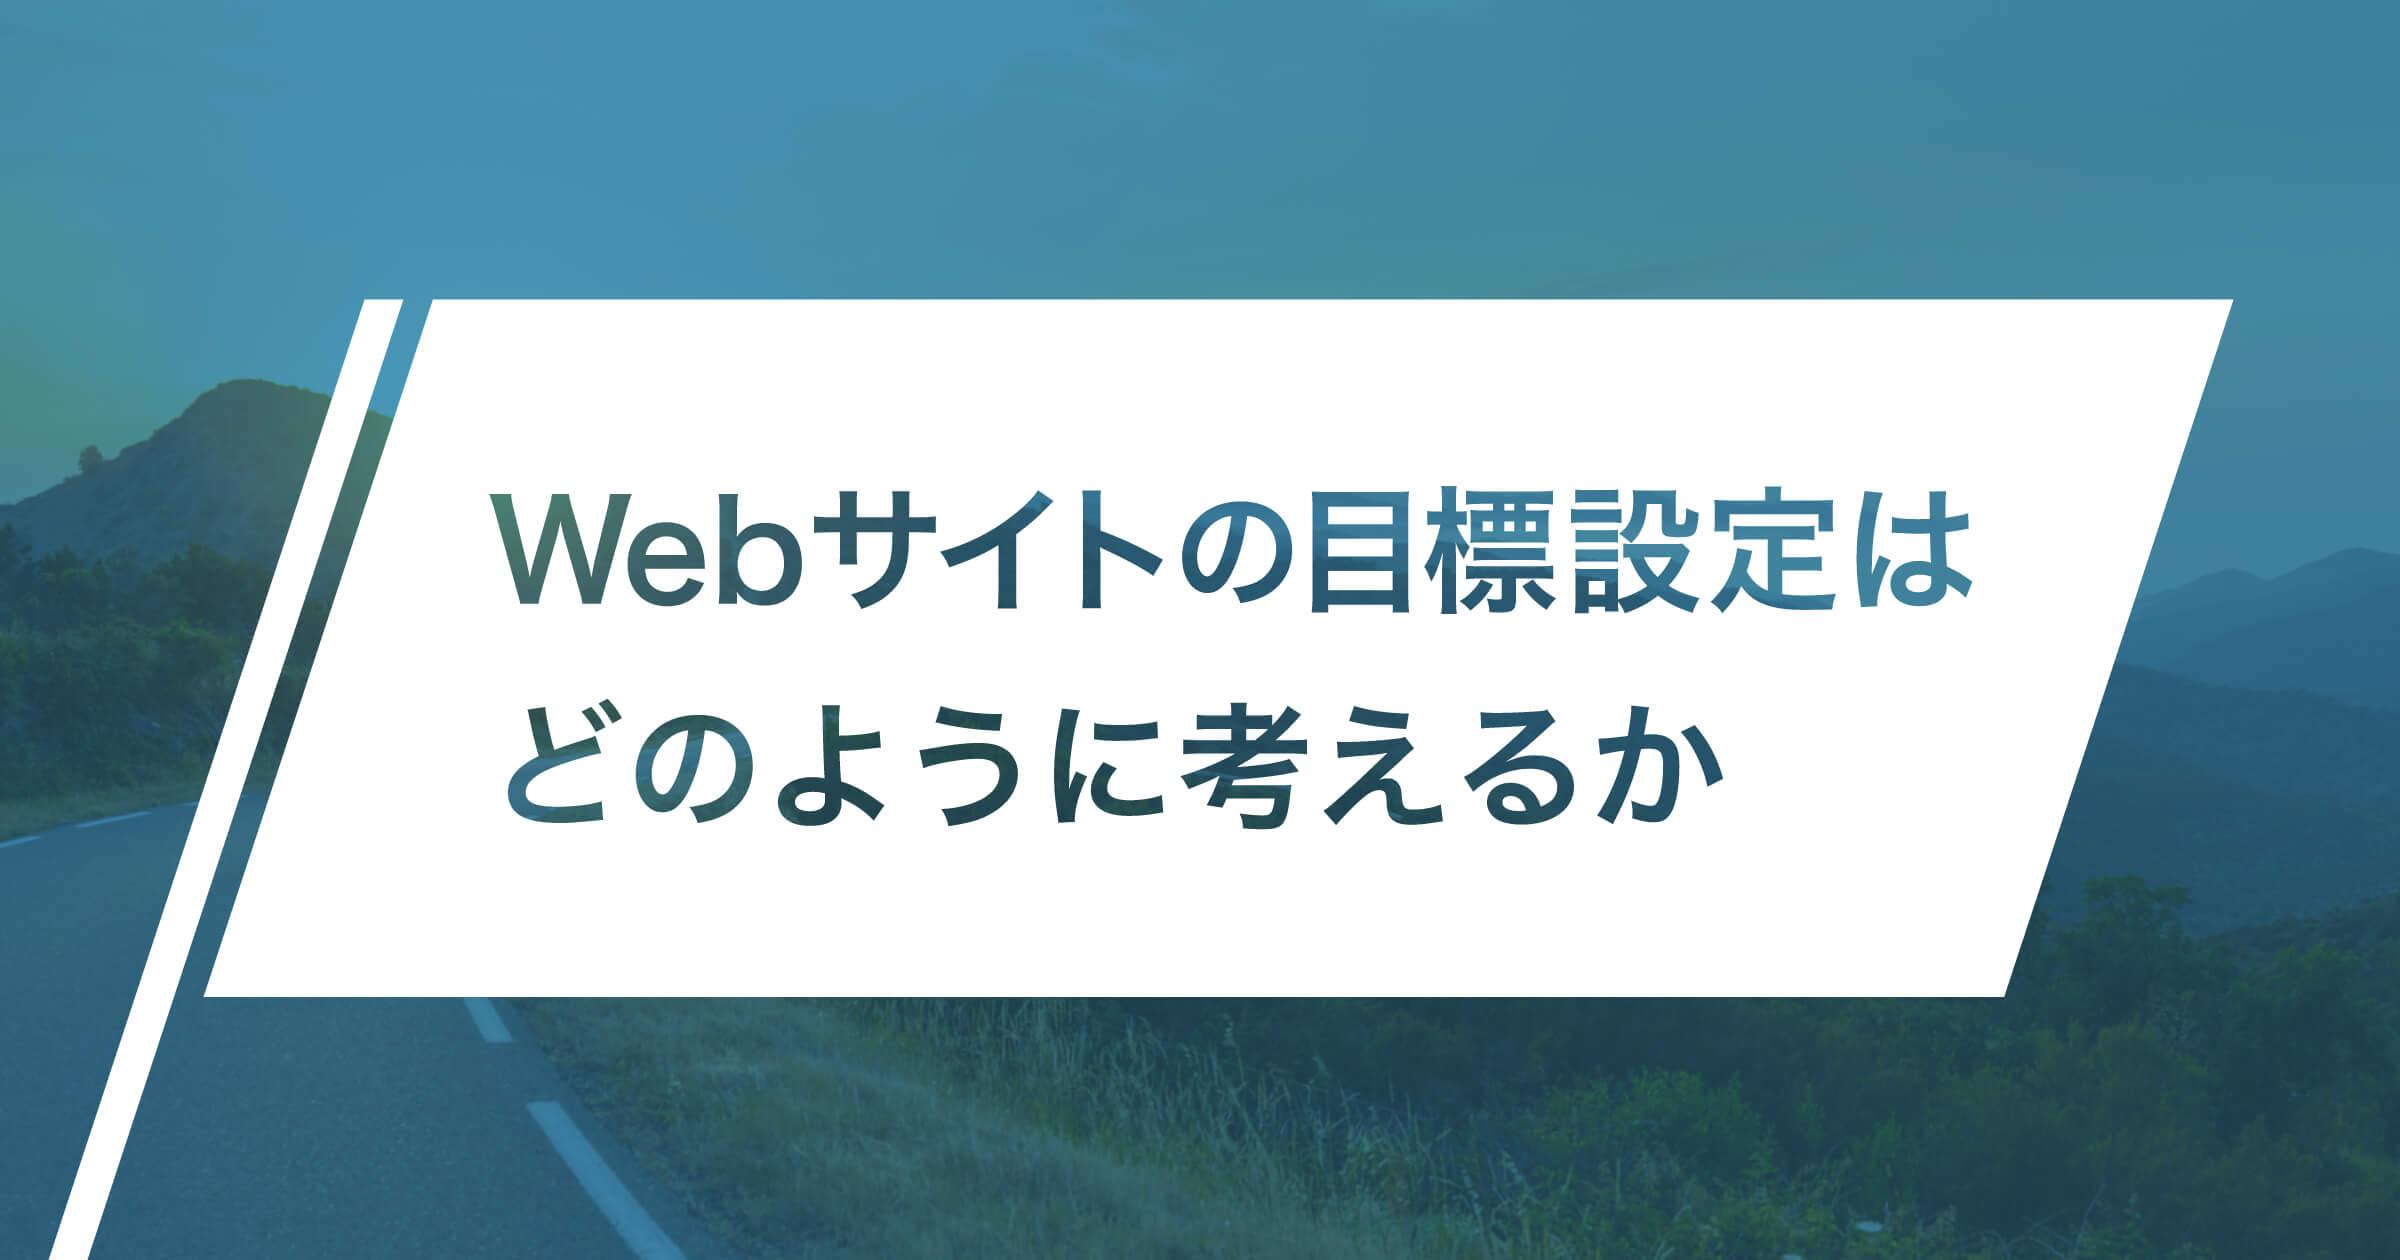 メルマガ_戦略策定2_20210305@2x (1)